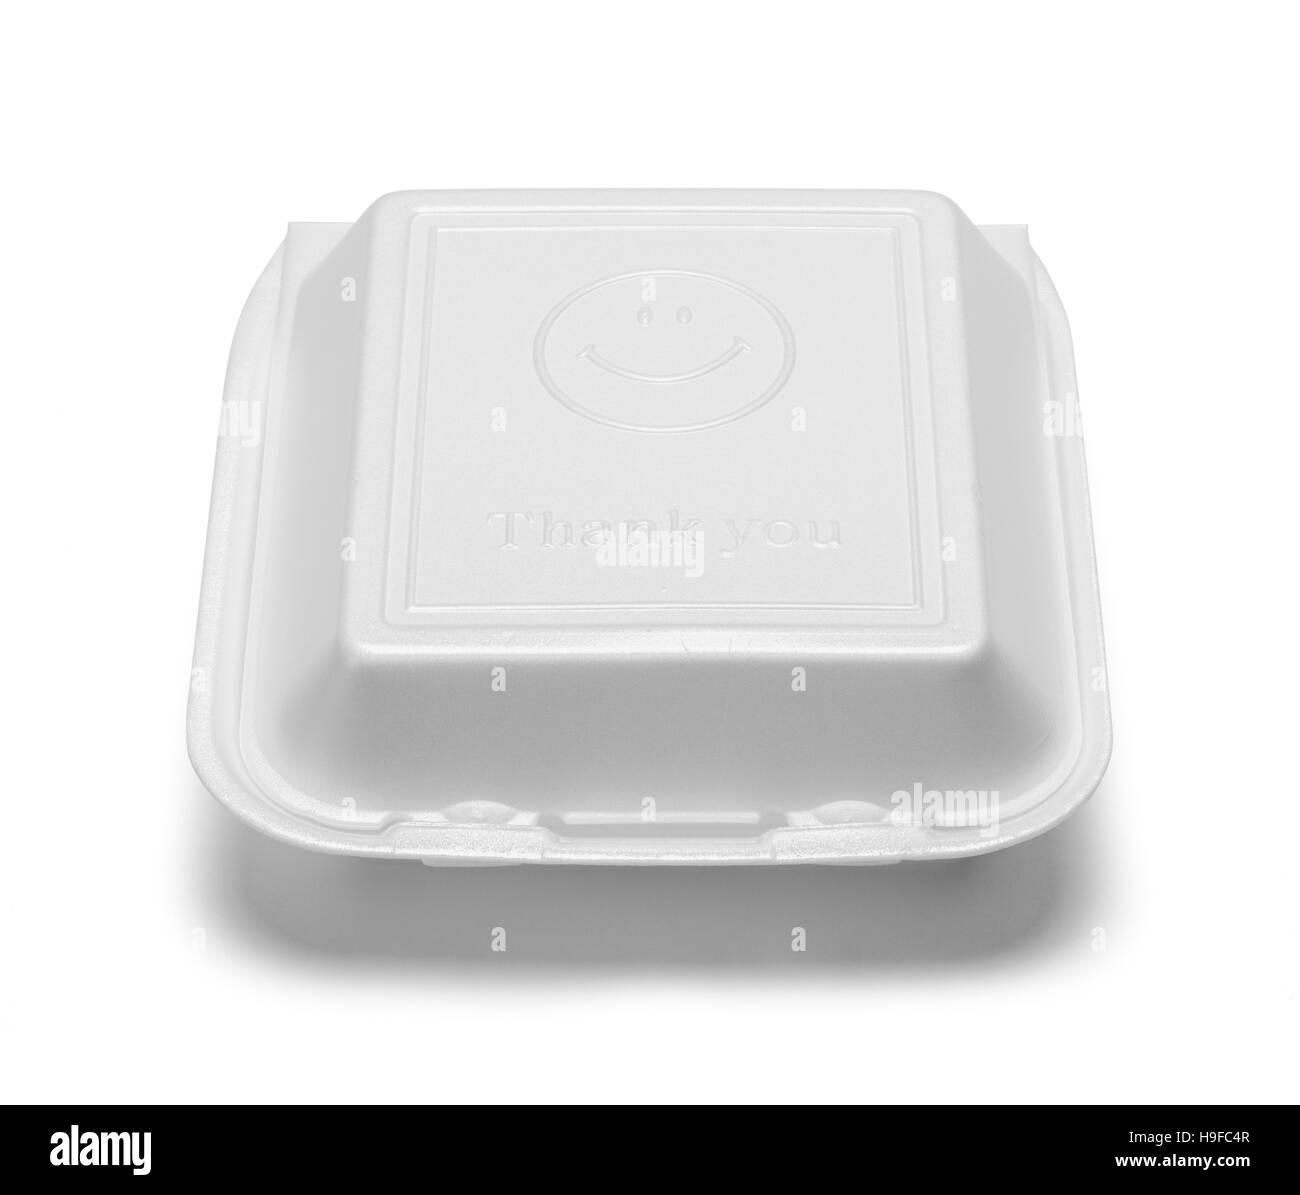 Styrofoam Take Out Box Isolated on White Background. - Stock Image